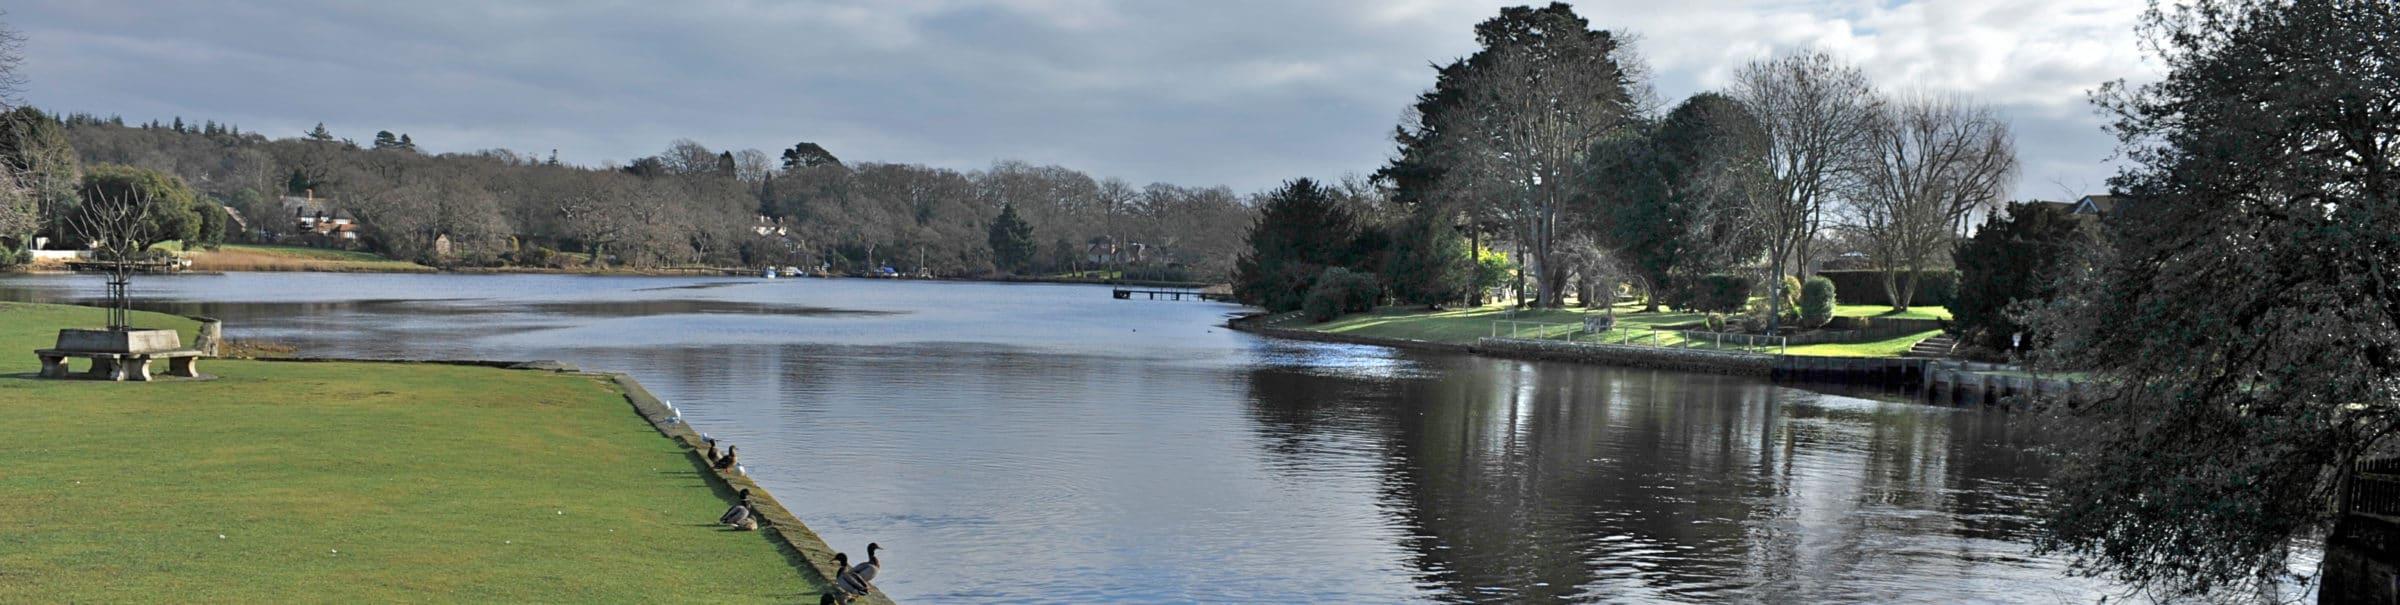 Beauleu River by weir